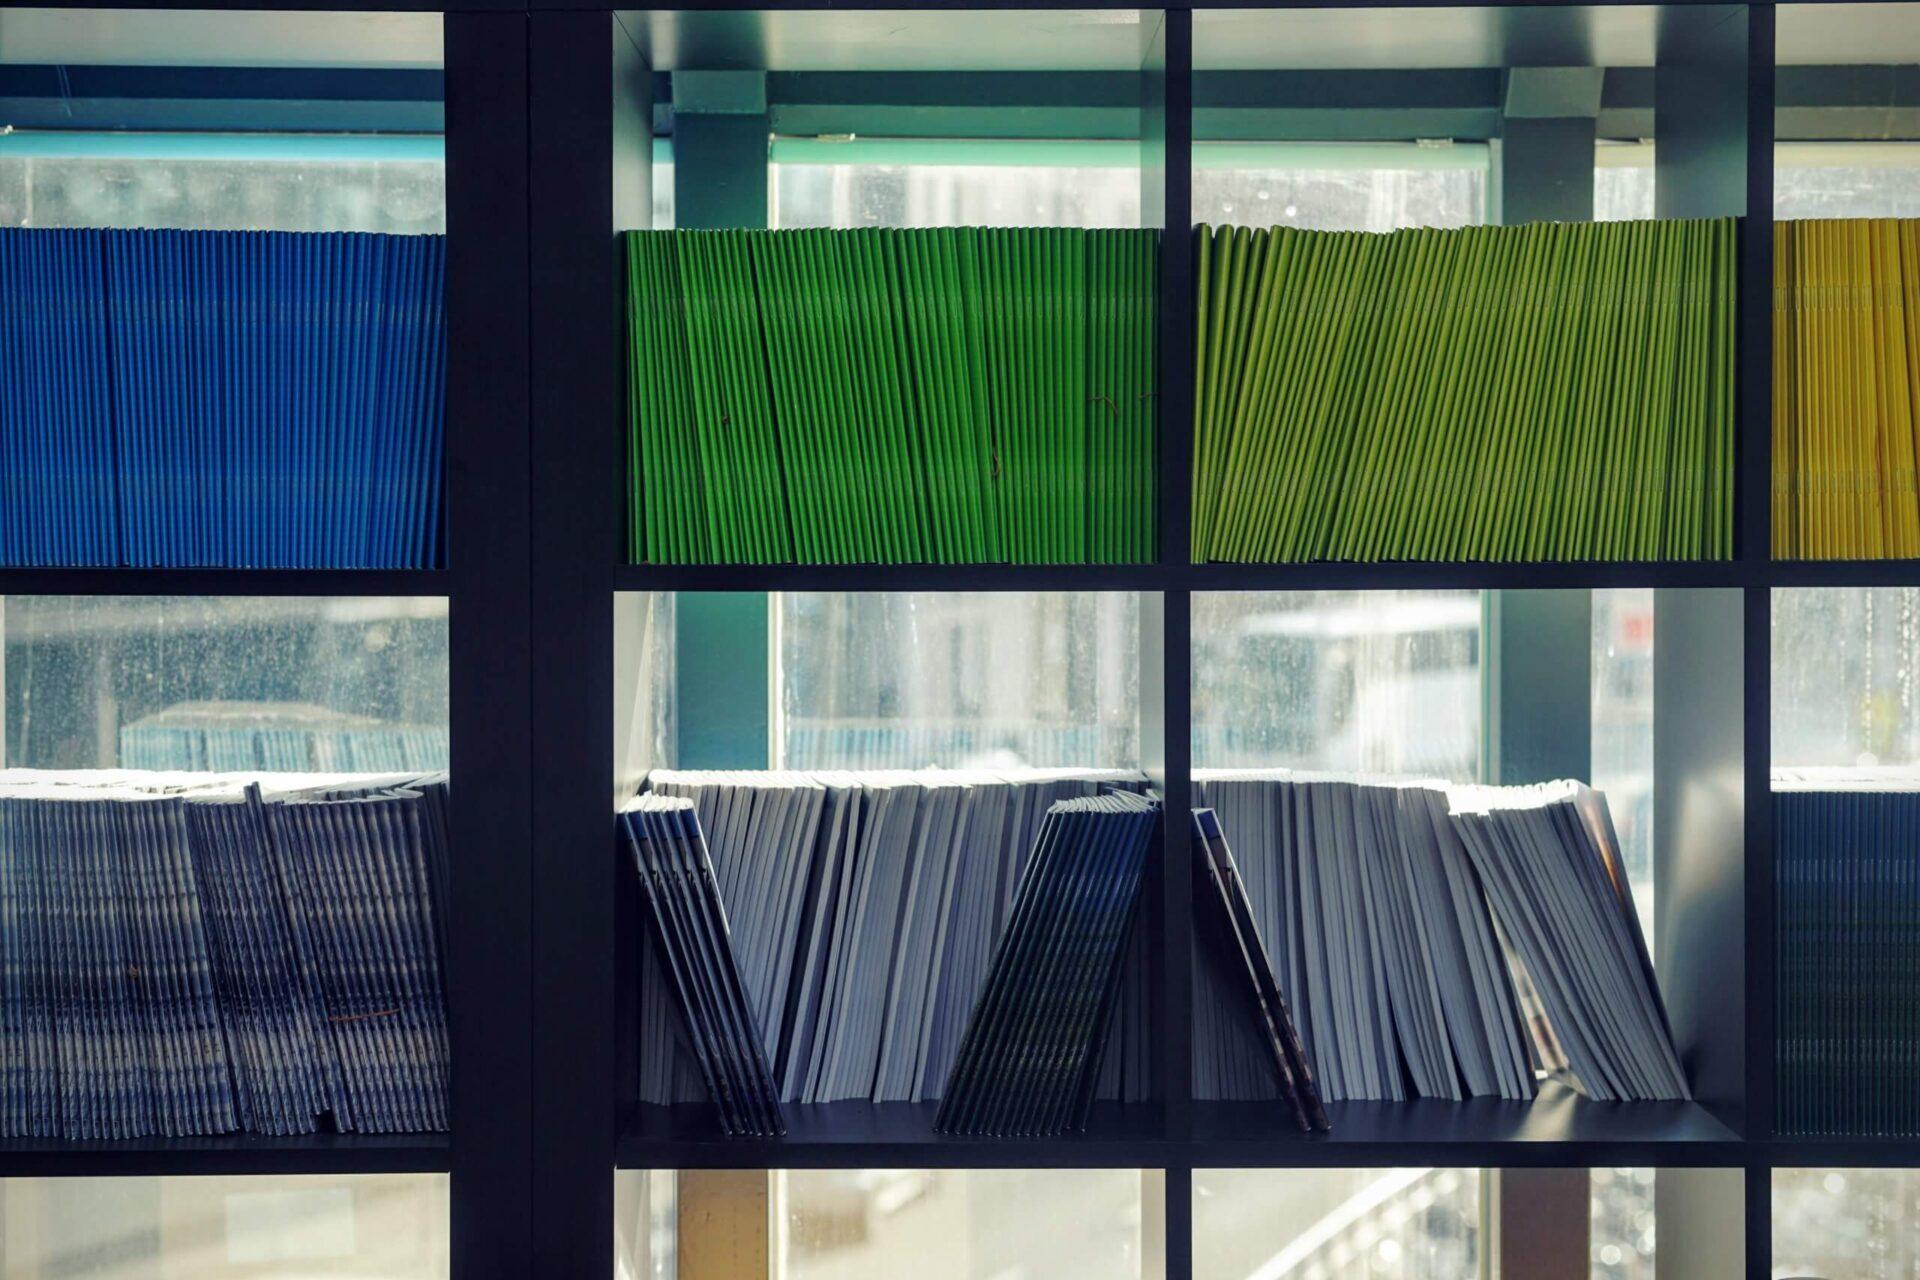 maarten-van-den-heuvel-8EzNkvLQosk-unsplash-scaled 店舗デザインにおける設計マニュアルとは